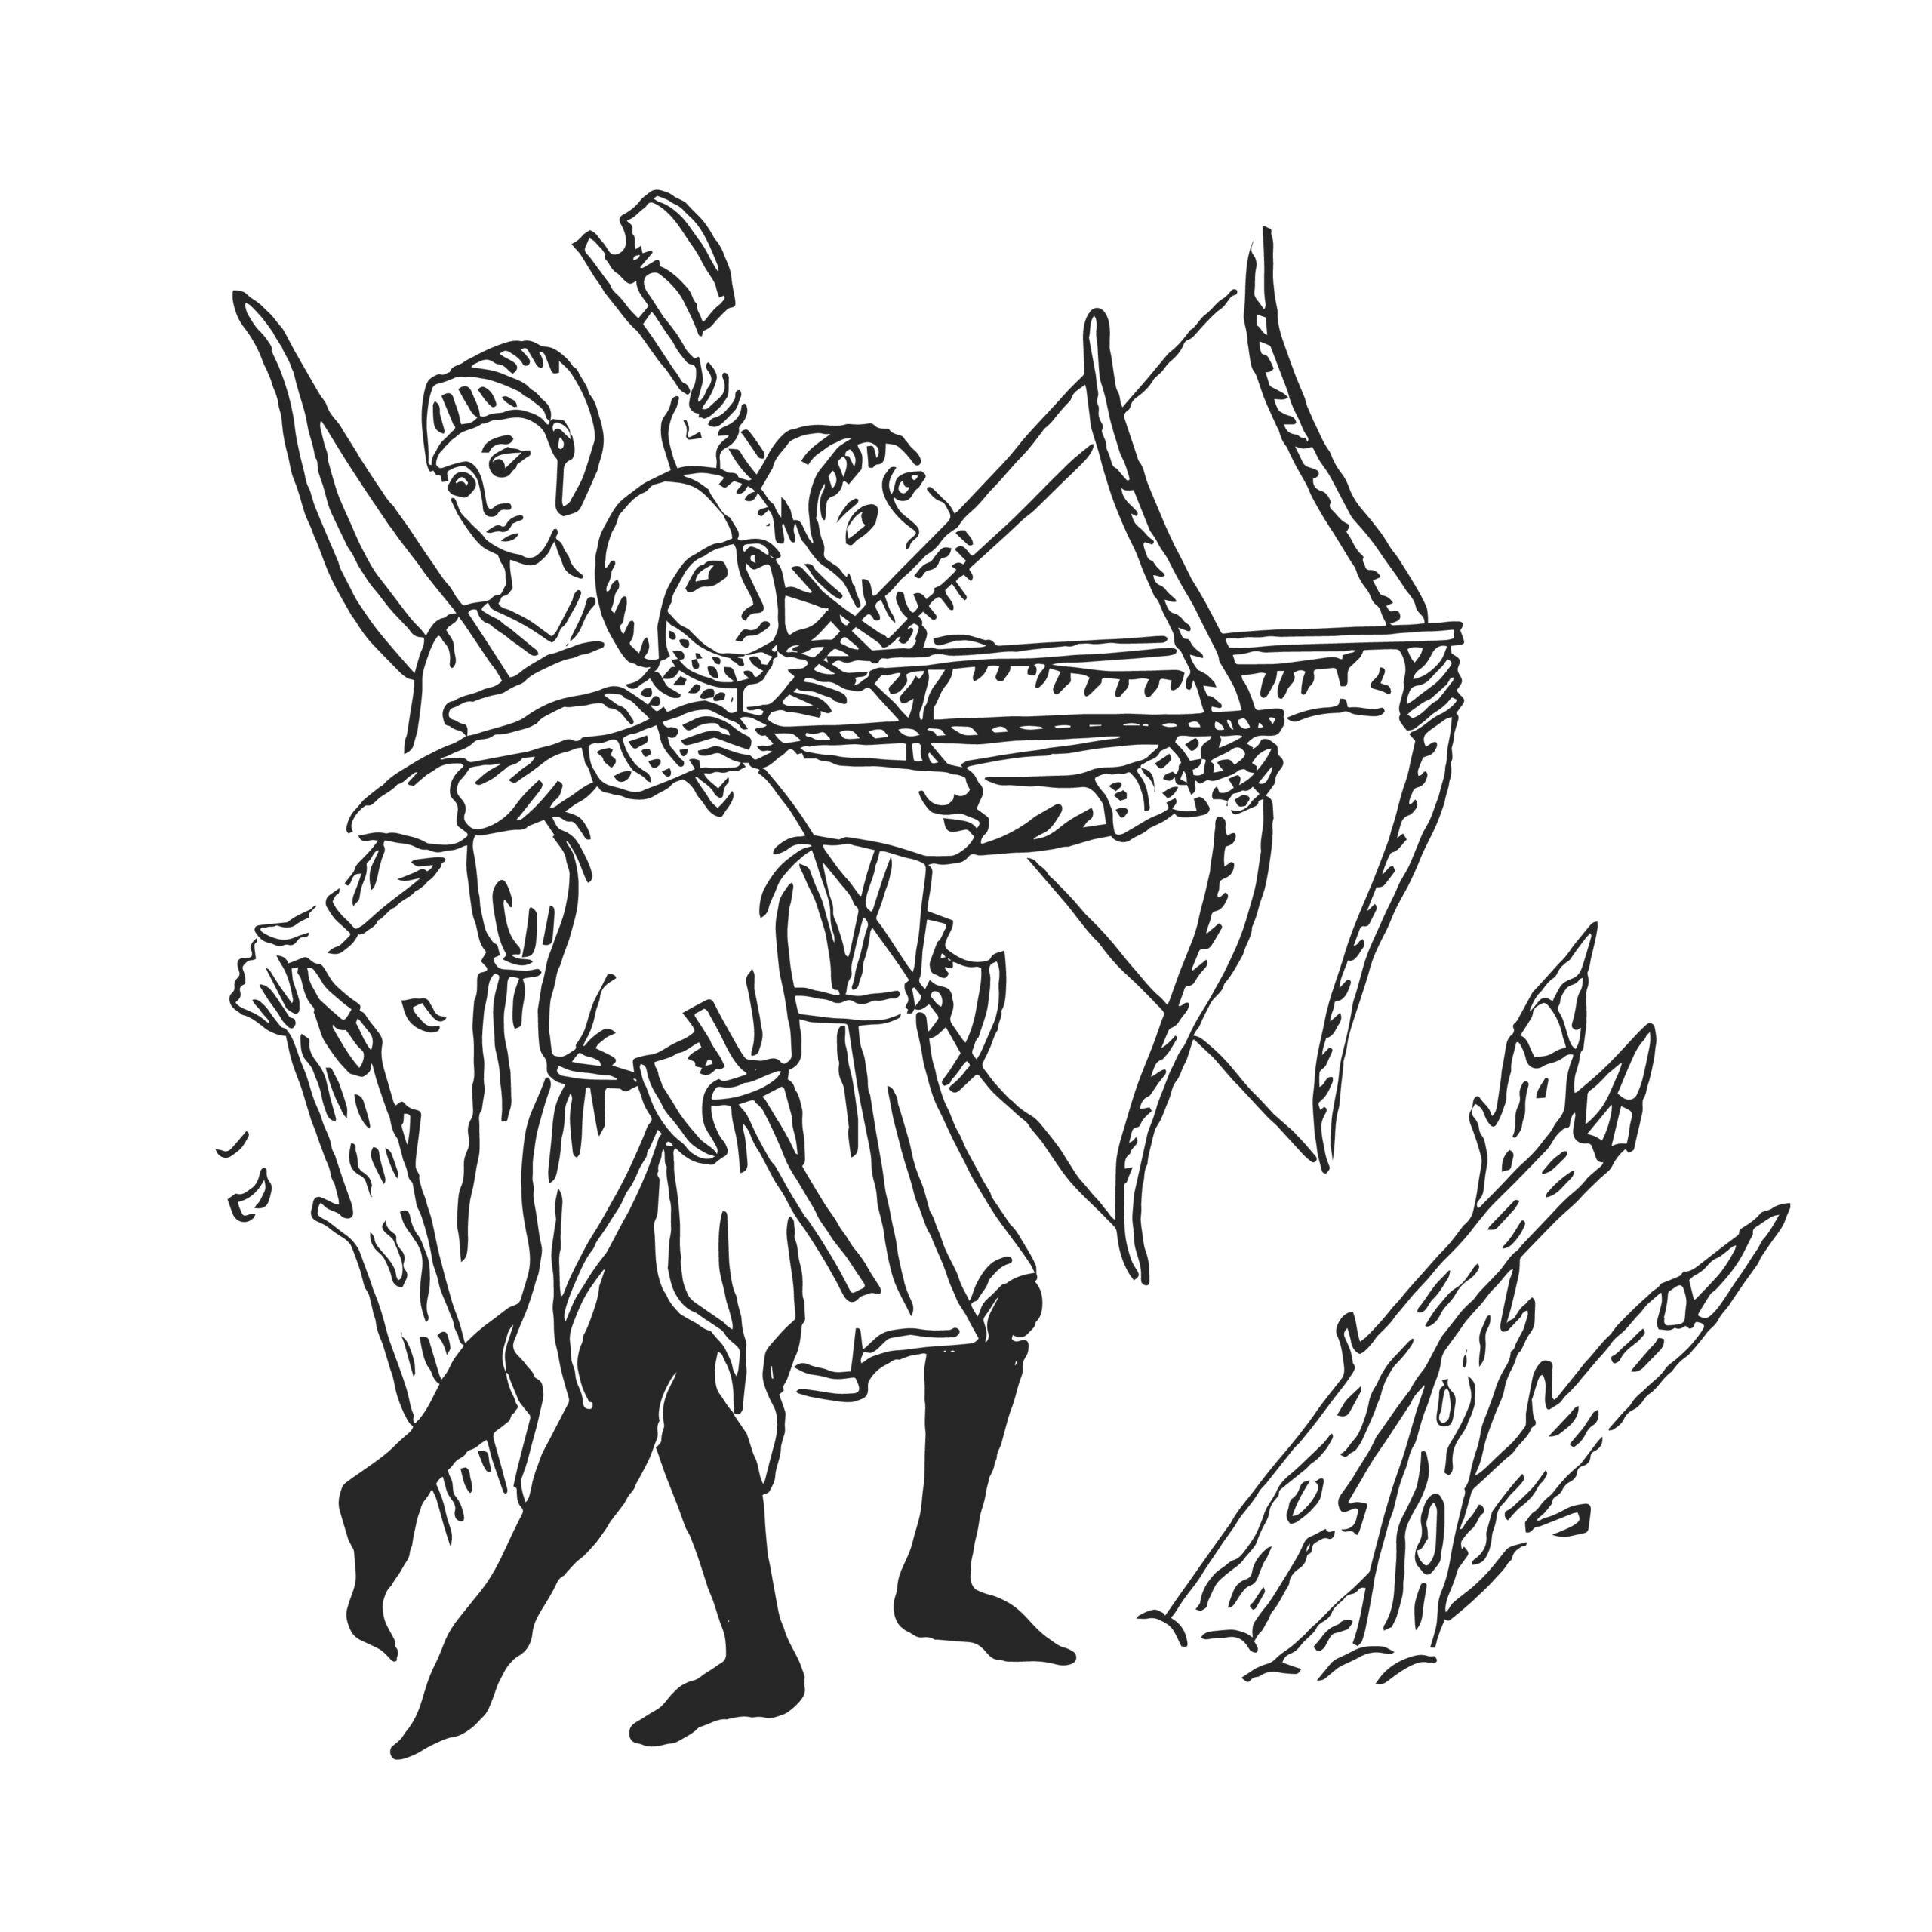 Mittelalterliche Bogenschützen mit Langbogen -Illustration